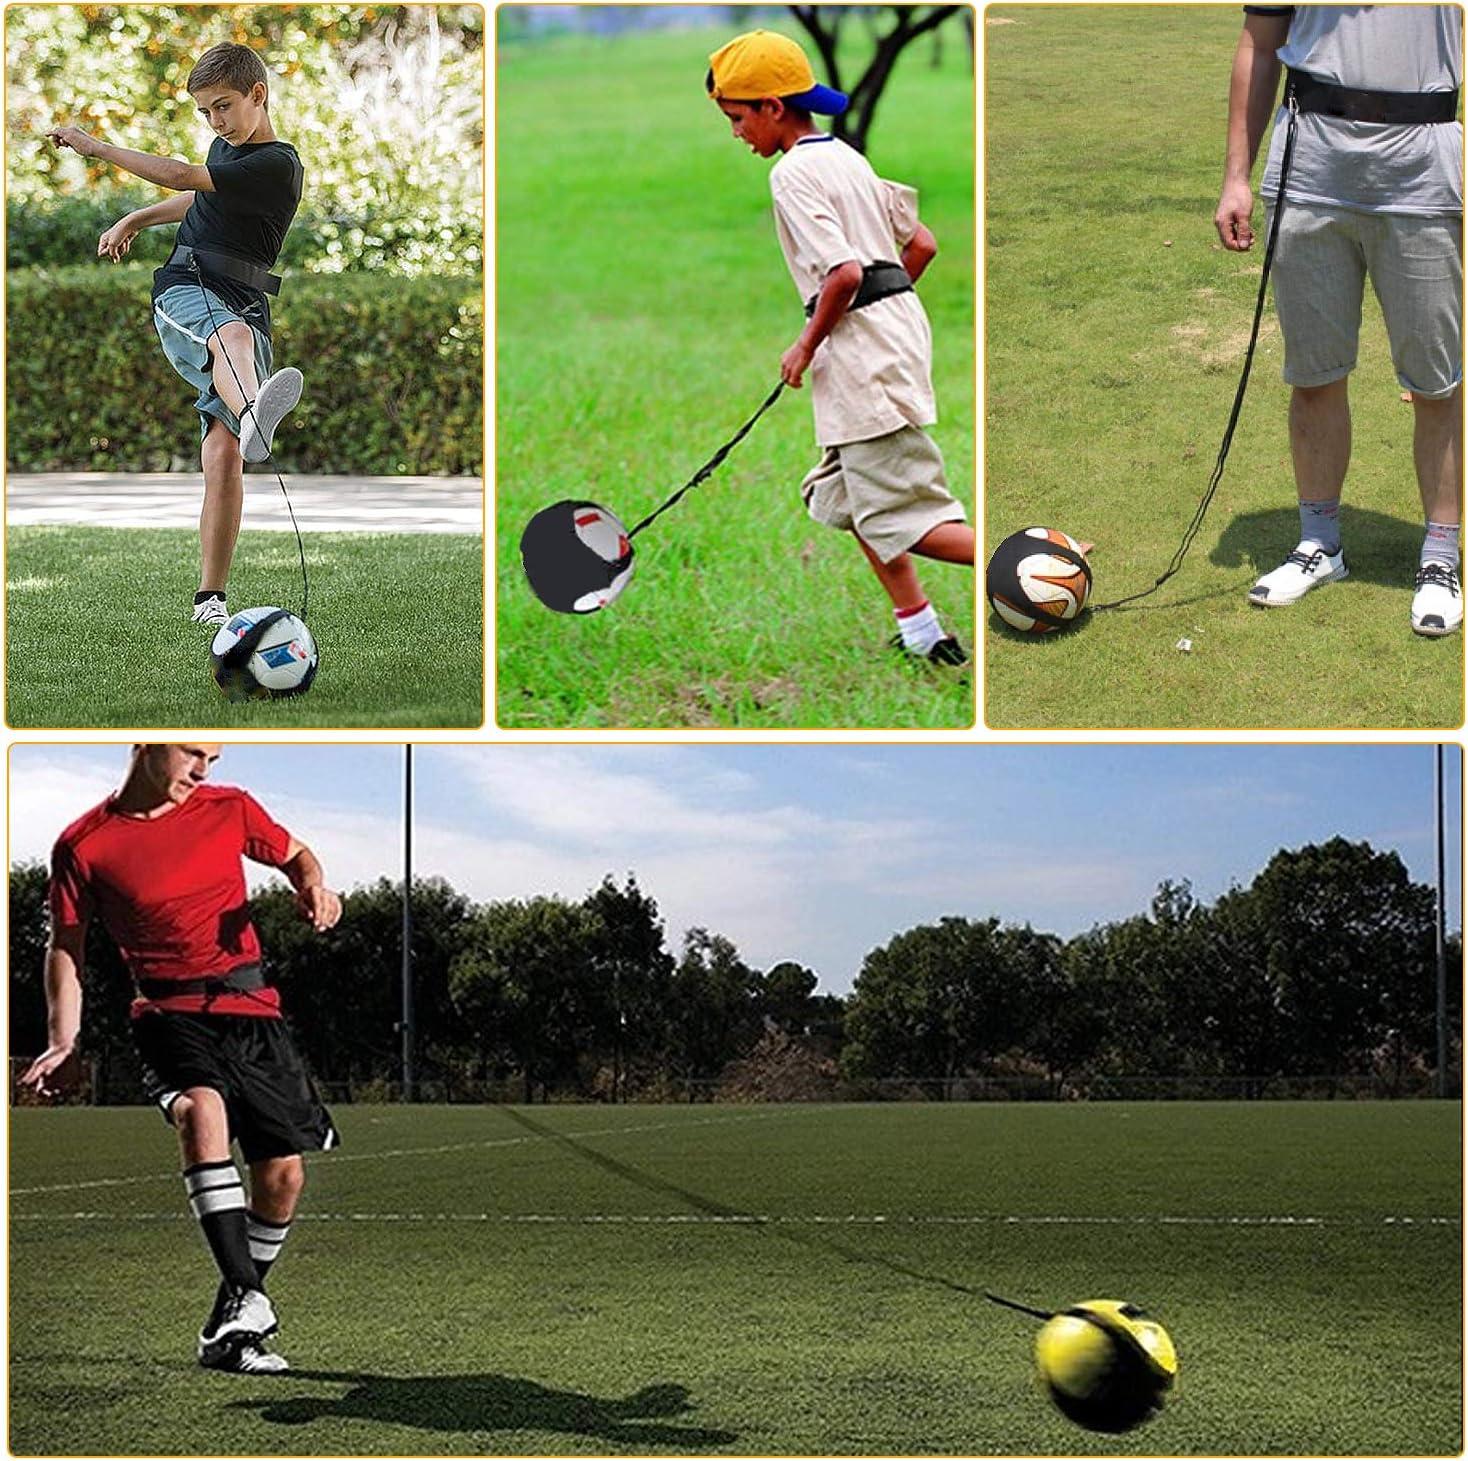 /Élastique de Shootball Footbalpour Enfant Adulte Ceinture Foot /Élastique R/églable Solo Kicking Pratique SANTOO Football Ceinture Dentra/înement